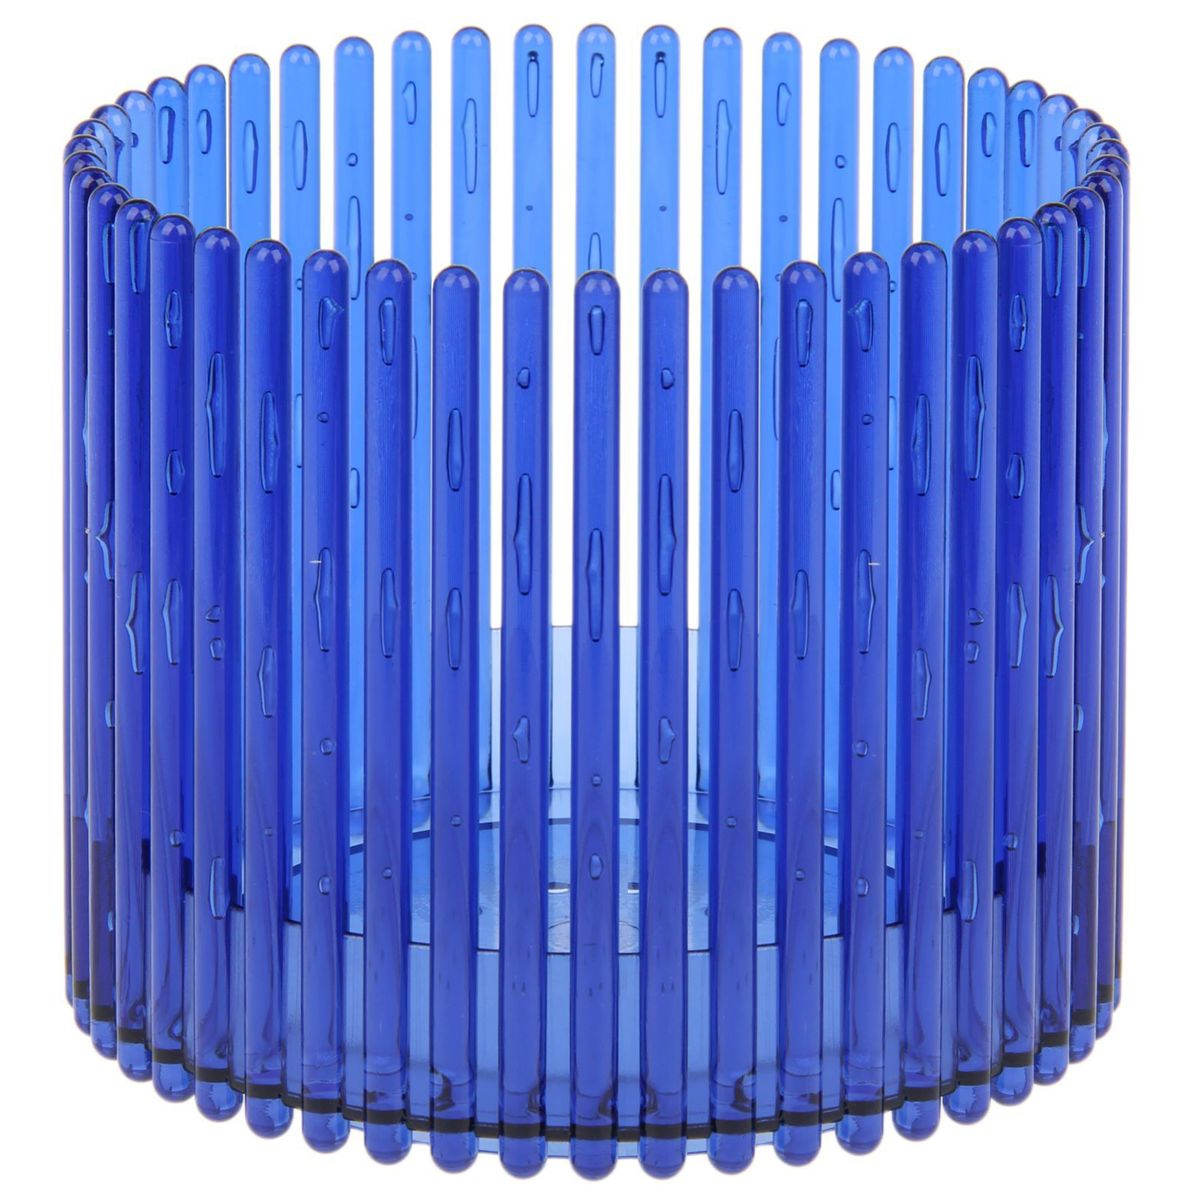 Кашпо JetPlast Шарм, цвет: синий, 14 x 12 см4612754050598Кашпо Шарм изготовлено из поликарбоната. Изделие имеет уникальную конструкцию: бортик в нижней части кашпо дает возможность создания у корней орхидеи благоприятную влажность, а сквозная конструкция стенок кашпо дает возможность беспрепятственному проникновению света на корни растения и их вентиляцию. Стильный яркий дизайн сделает такое кашпо отличным дополнением интерьера.